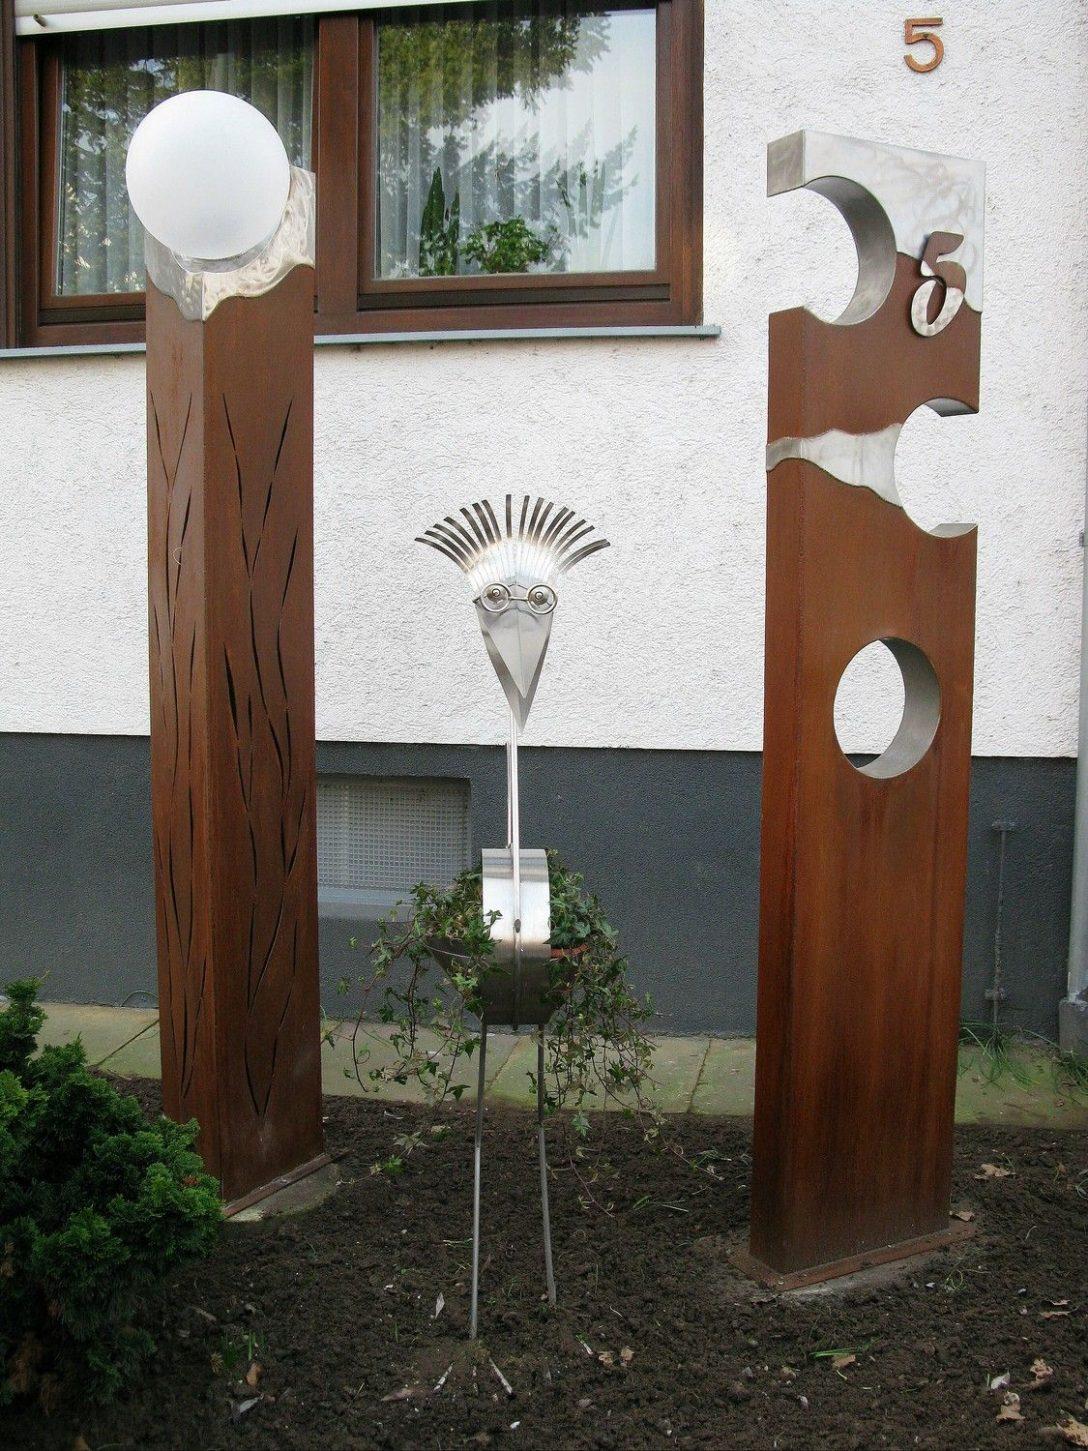 Large Size of Gartendeko Aus Holz Und Metall Stahlsulen Mit Edelstahl Plattiert Gartenkunst Clinique Even Better Foundation Esstisch Bad Frankenhausen Hotel Bauhaus Fenster Wohnzimmer Gartendeko Aus Holz Und Metall